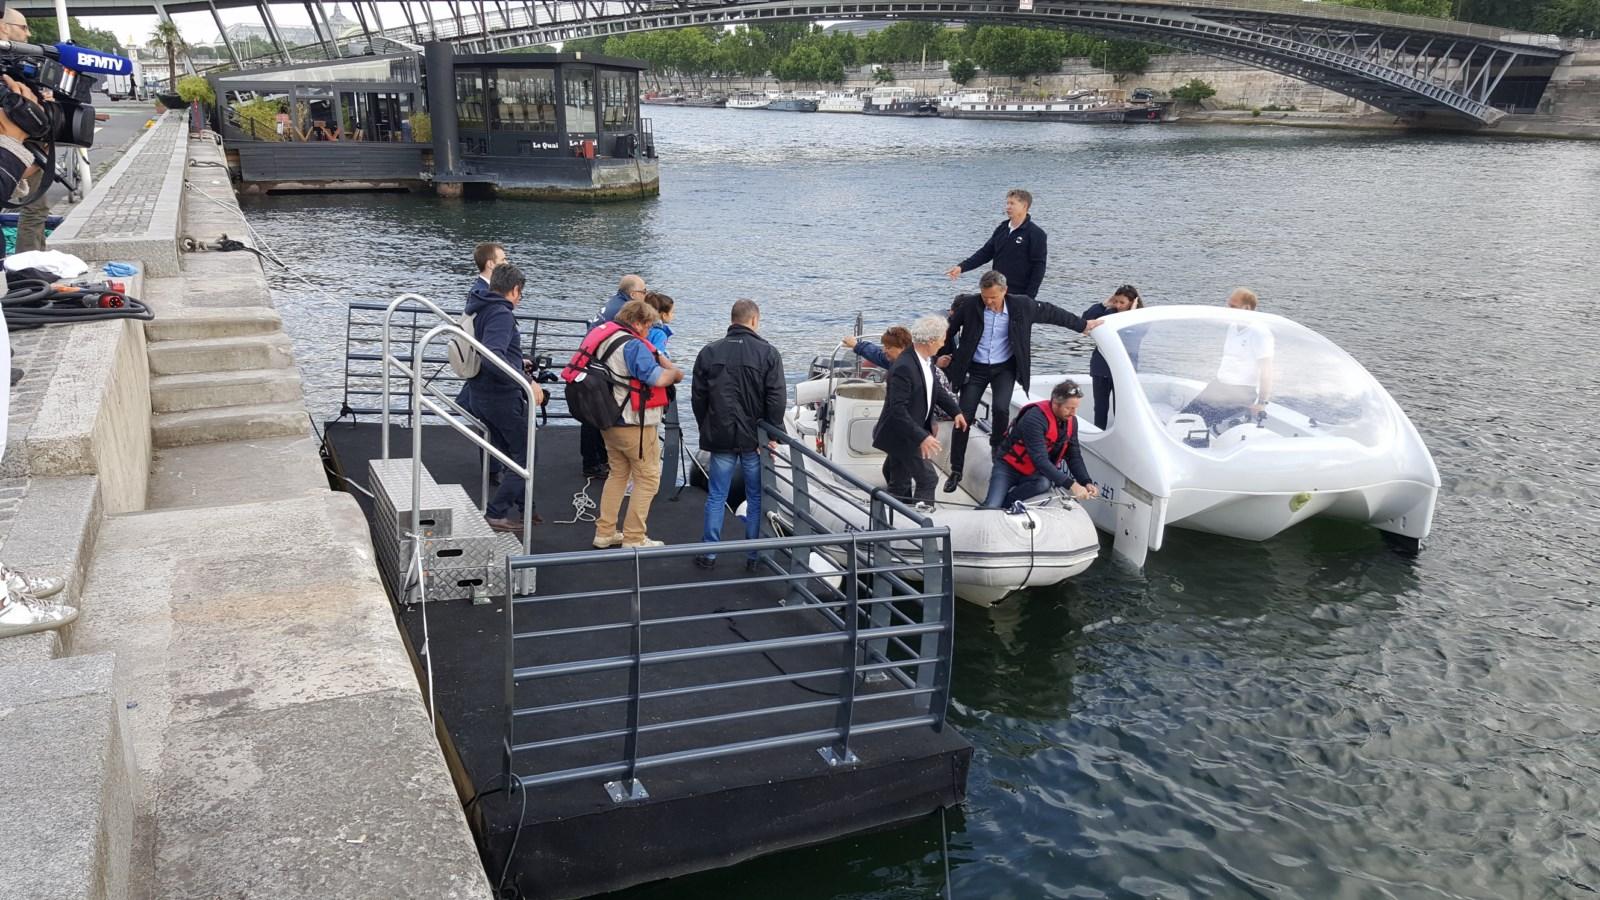 location-ponton-flottant-modulaire-bateau-expert-paris